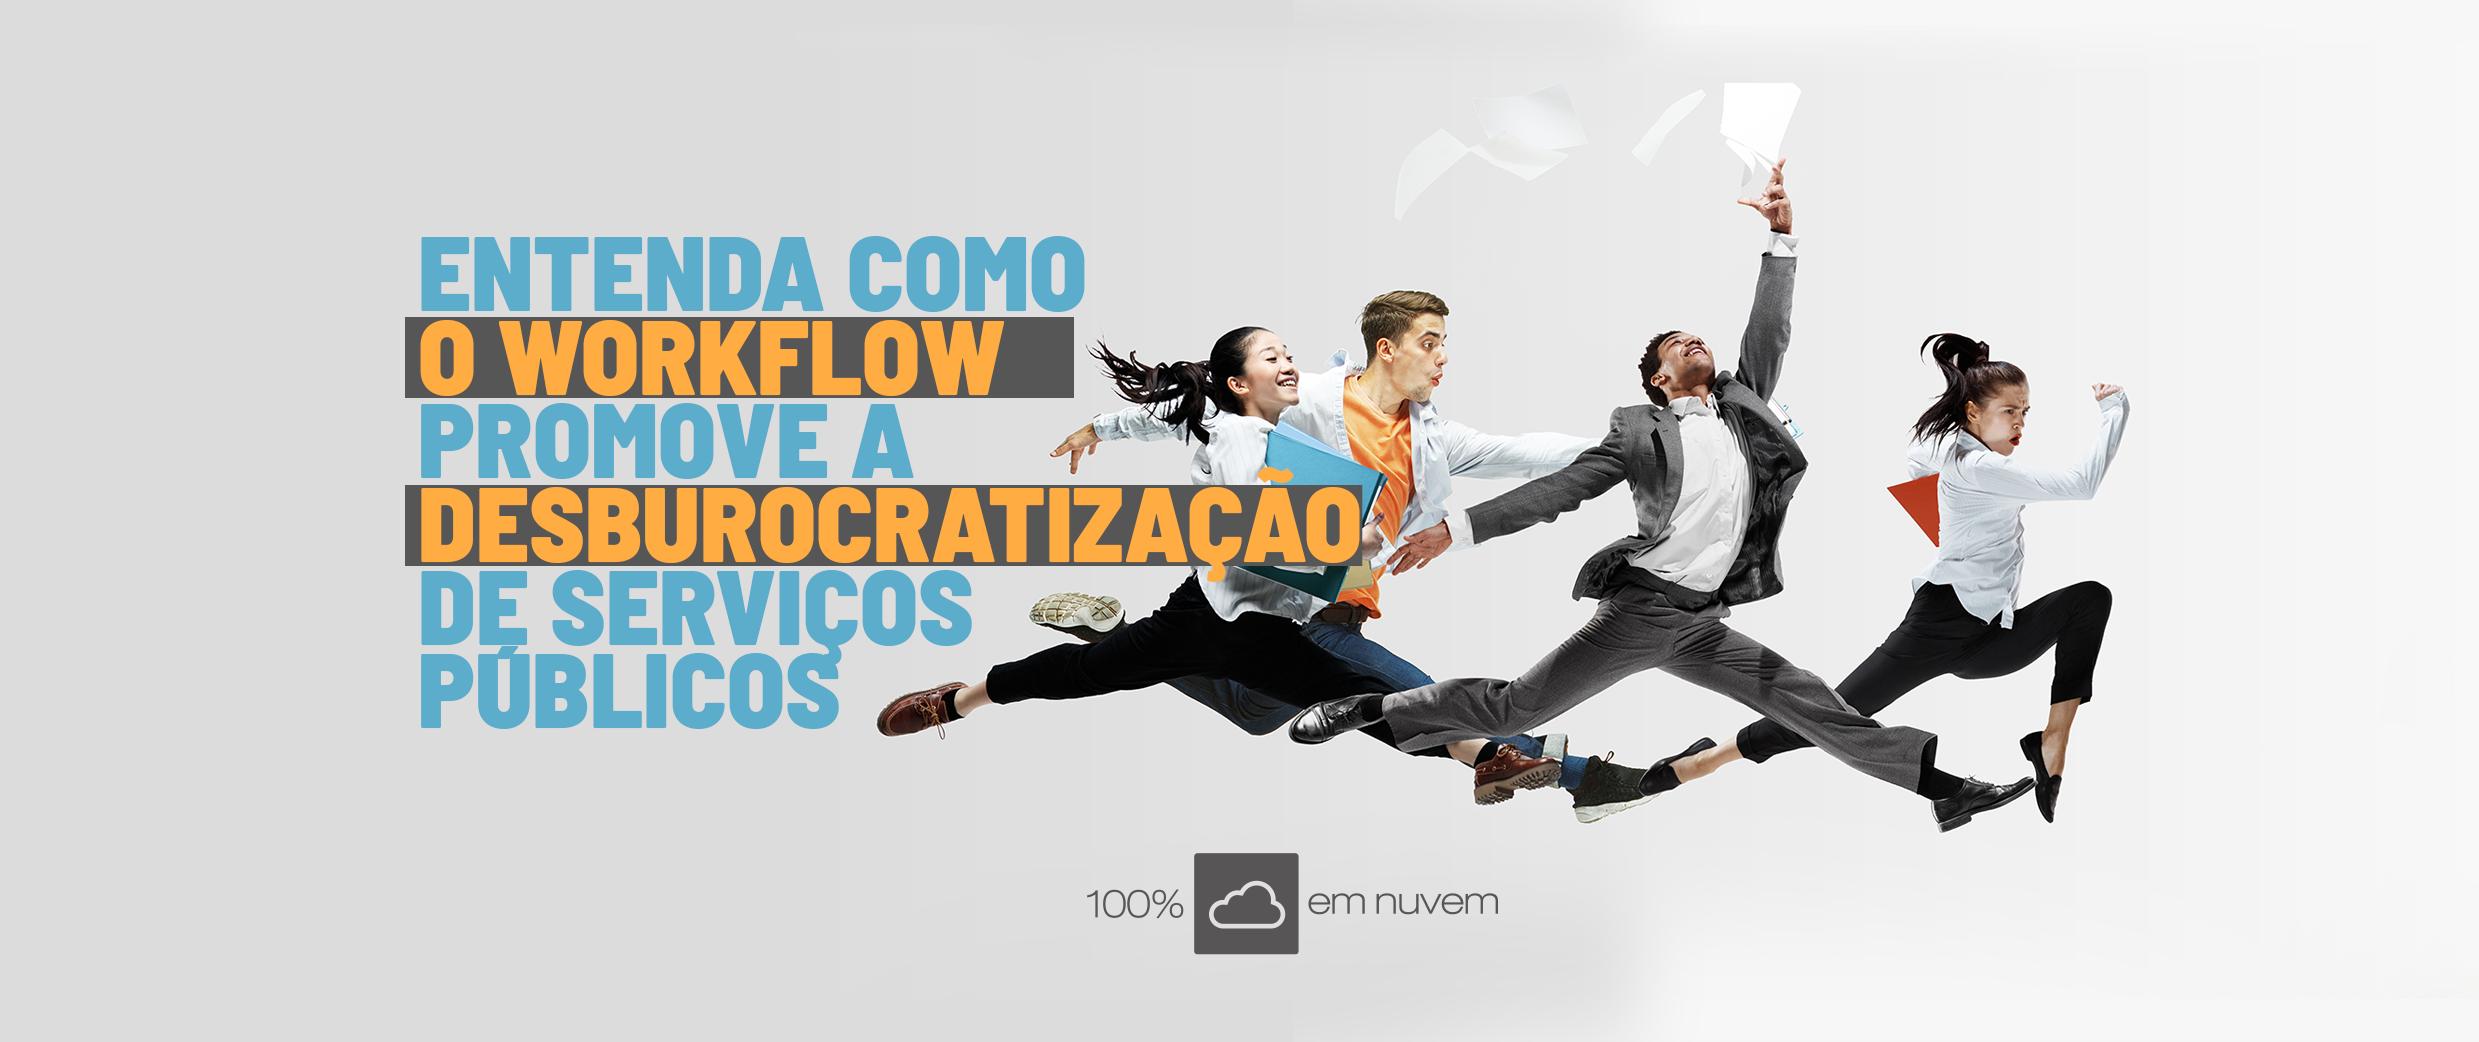 Entenda como o Workflow promove a desburocratização de serviços públicos